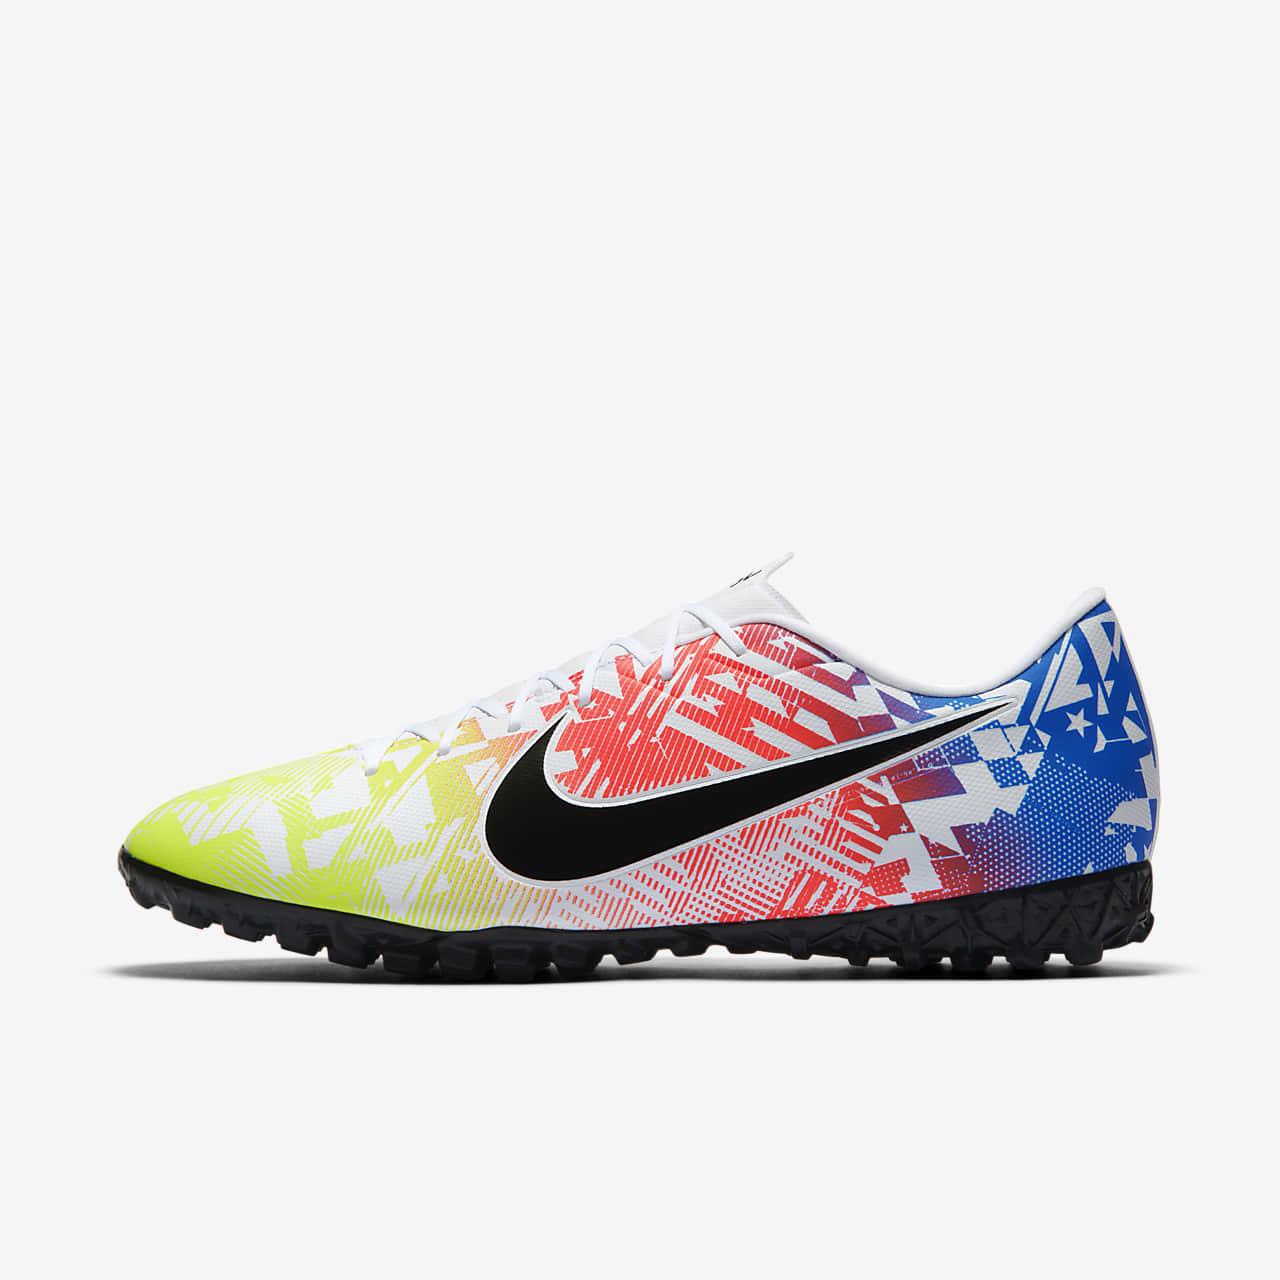 รองเท้าฟุตบอลสำหรับพื้นหญ้าเทียม Nike Mercurial Vapor 13 Academy Neymar Jr. TF